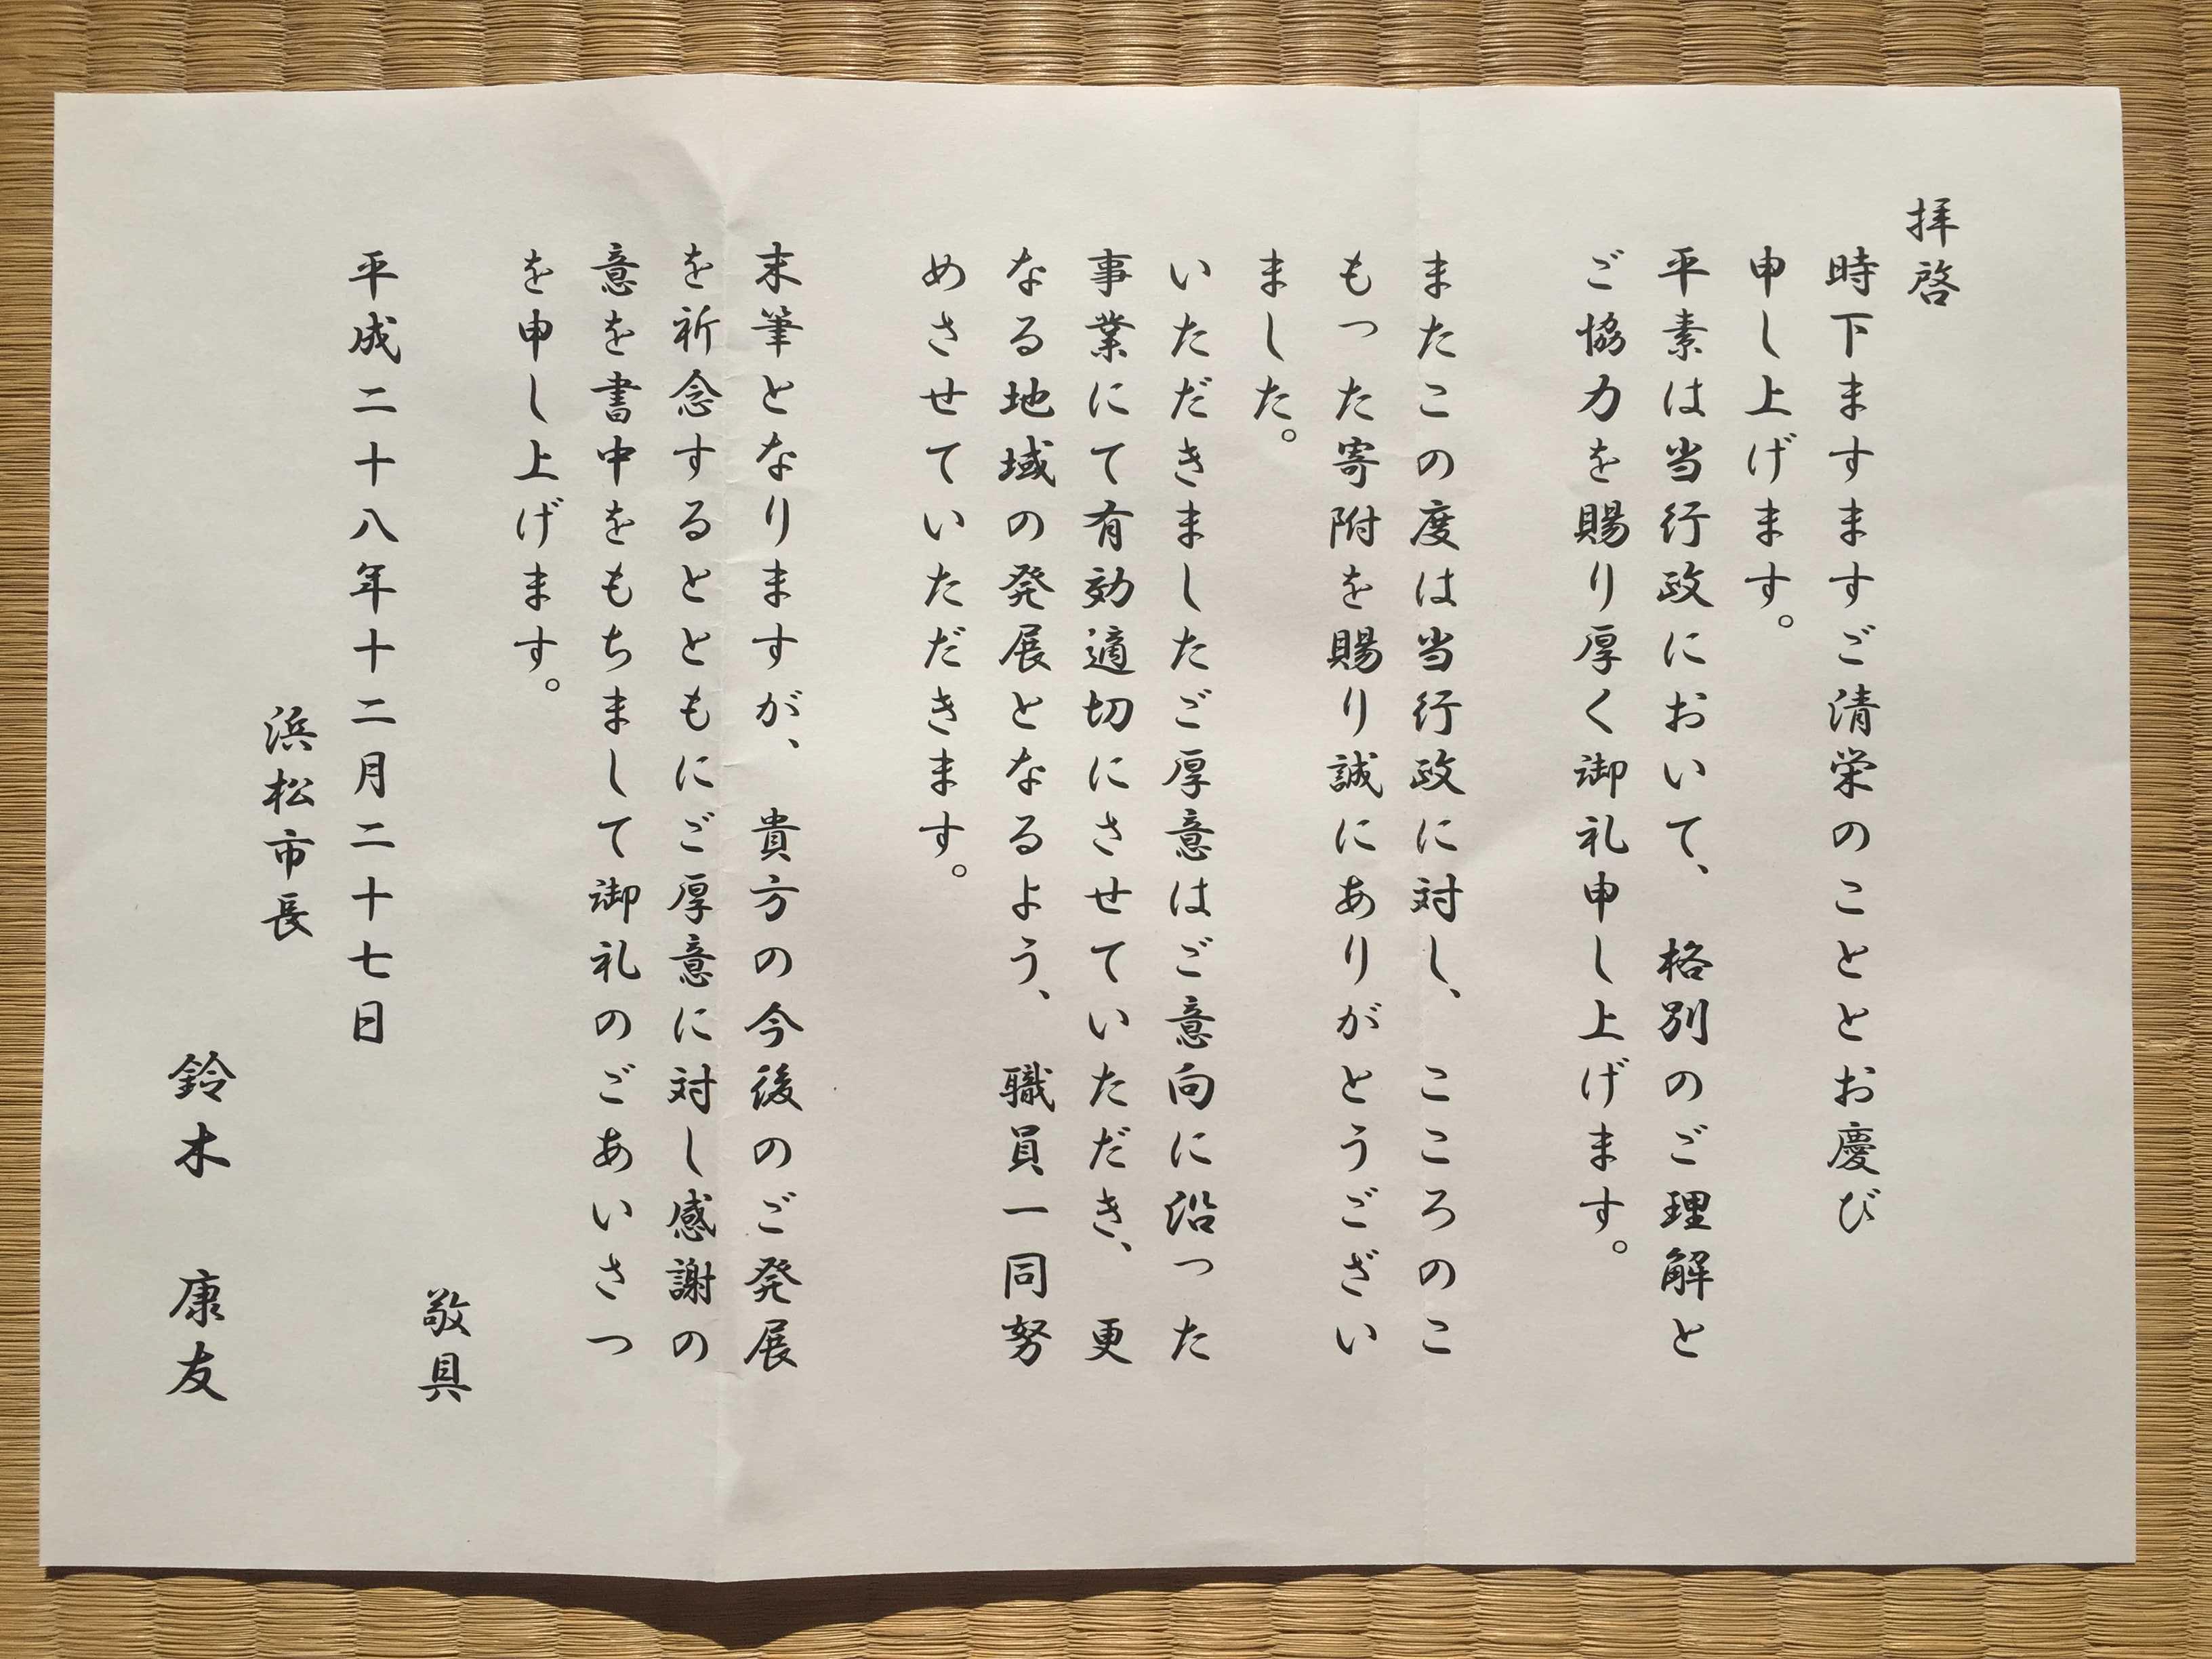 鈴木康友・浜松市長からの浜松市のふるさと納税寄附金への御礼の手紙